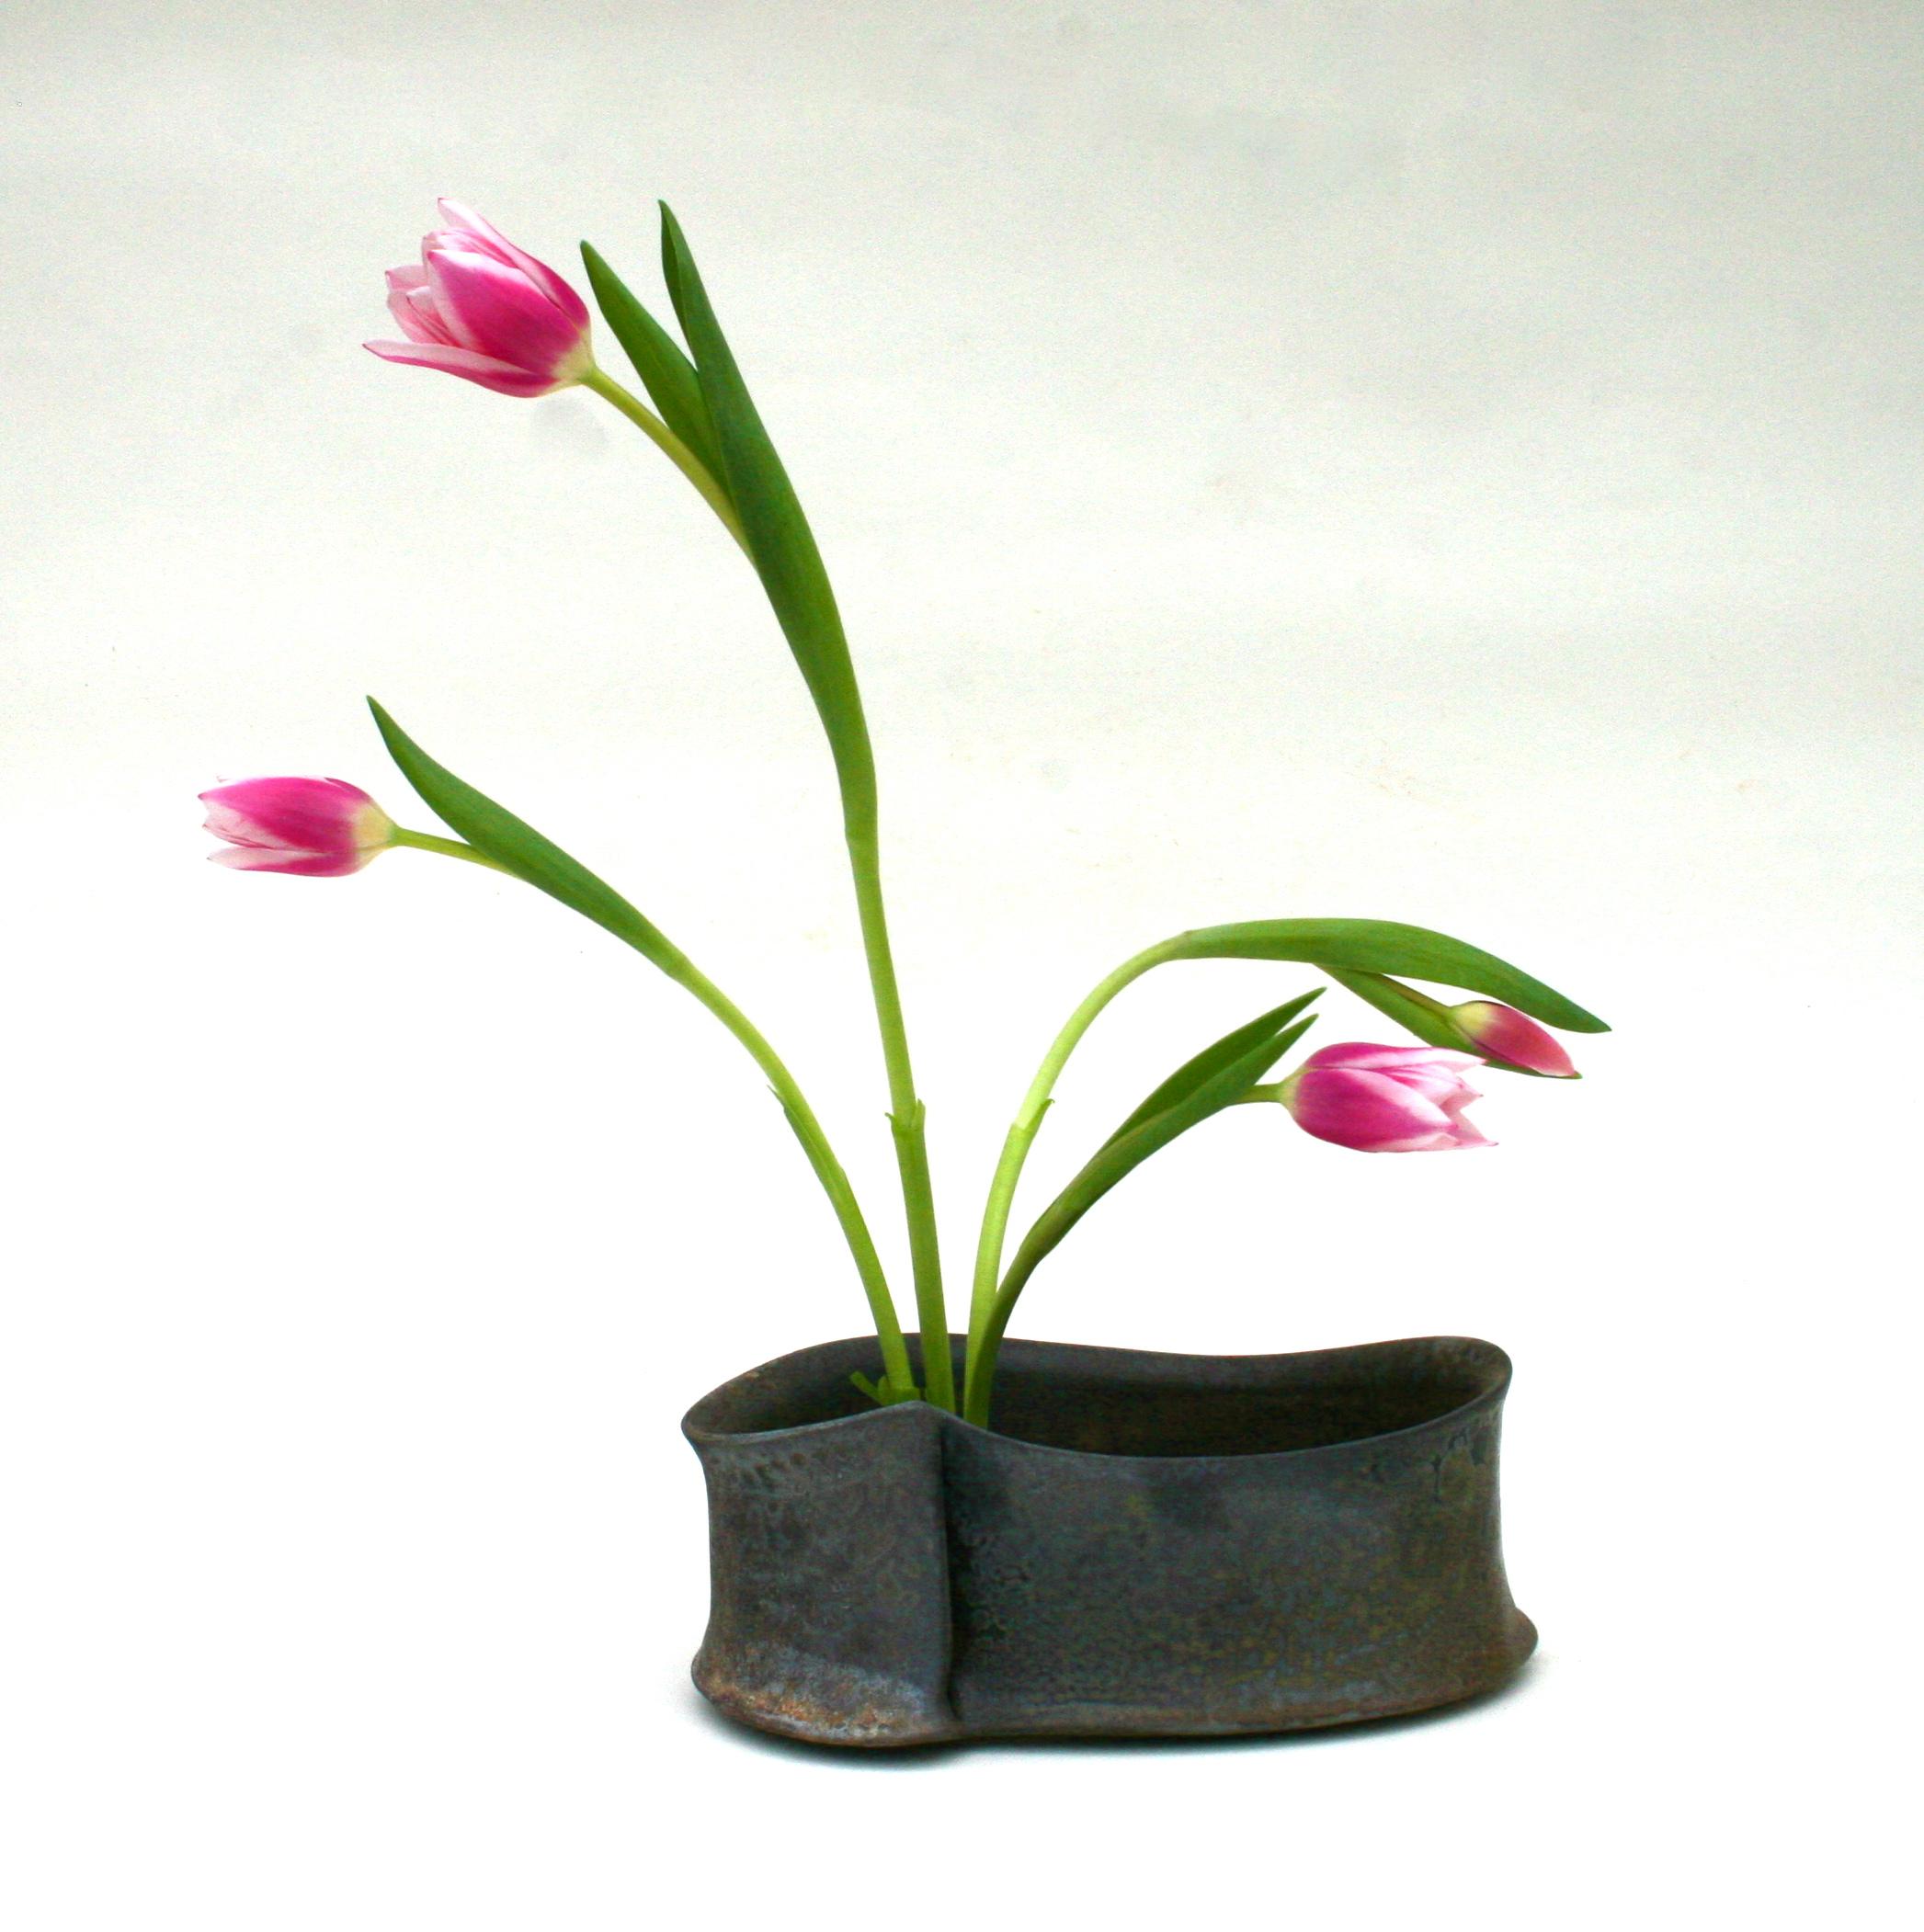 vase with tulips.JPG